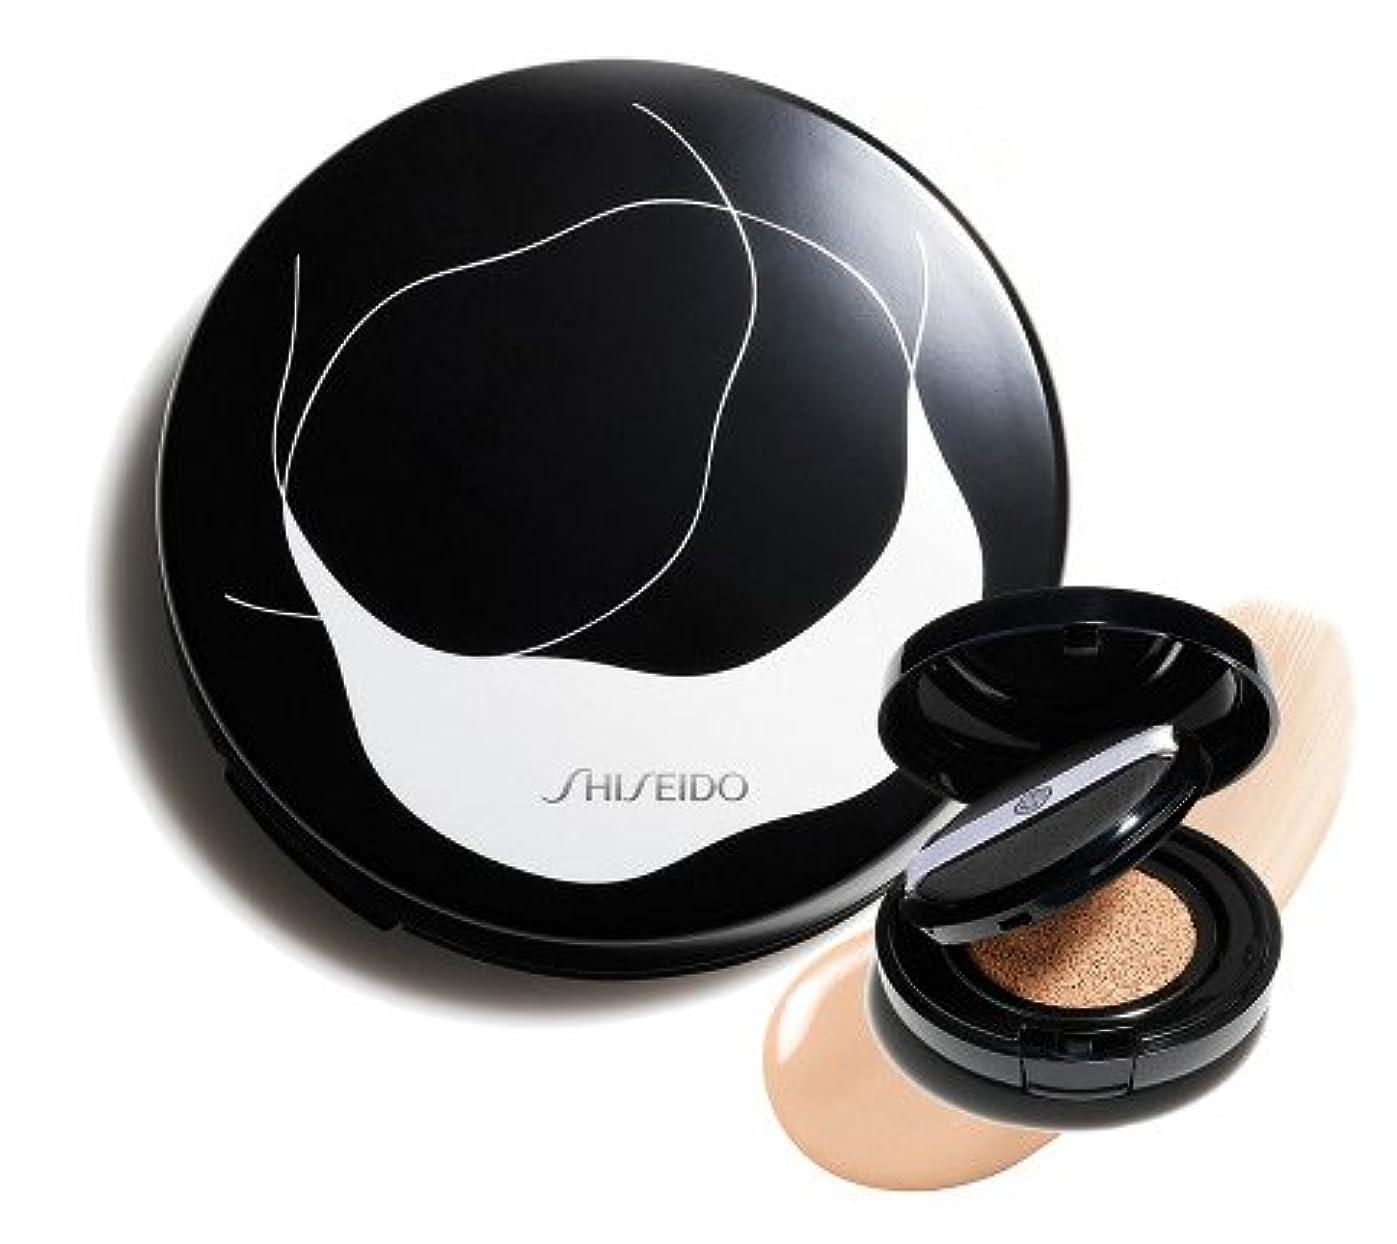 コジオスコ保持する世代SHISEIDO 資生堂 シンクロスキン グロー クッションコンパクト オークル20 Golden3 - レフィル&ケースのセット